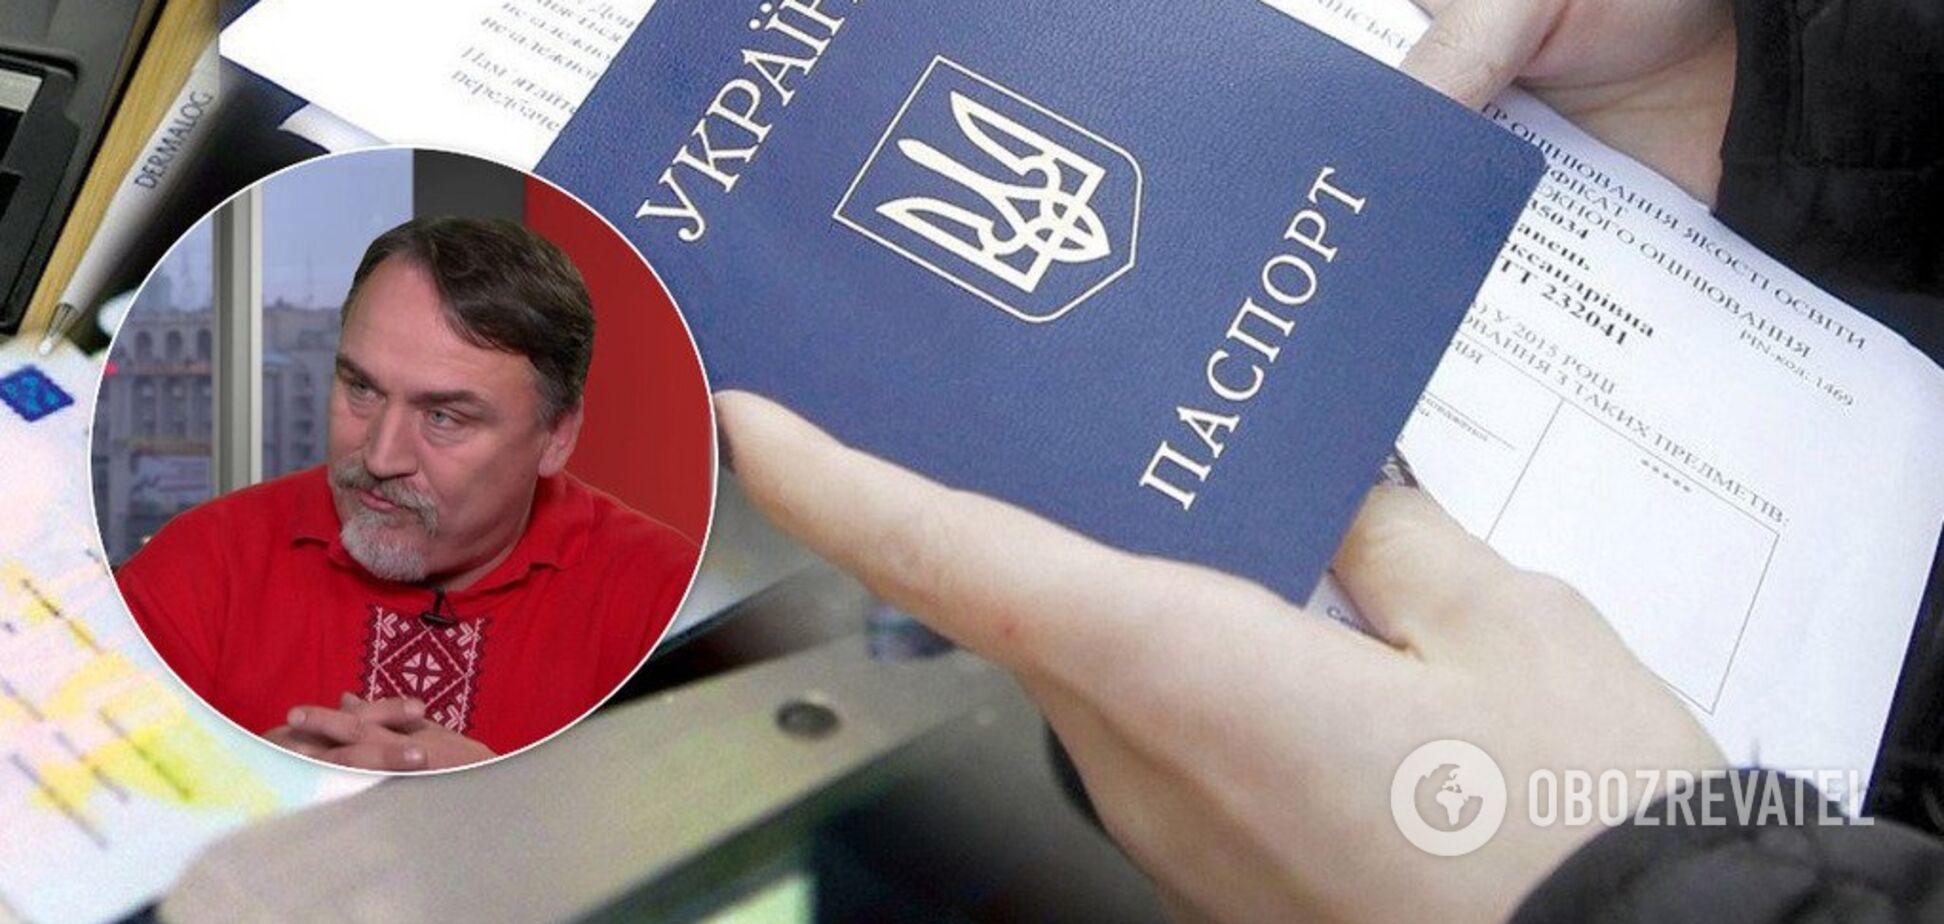 Отмена отчества в Украине: Капранов предложил 'ходить конем'